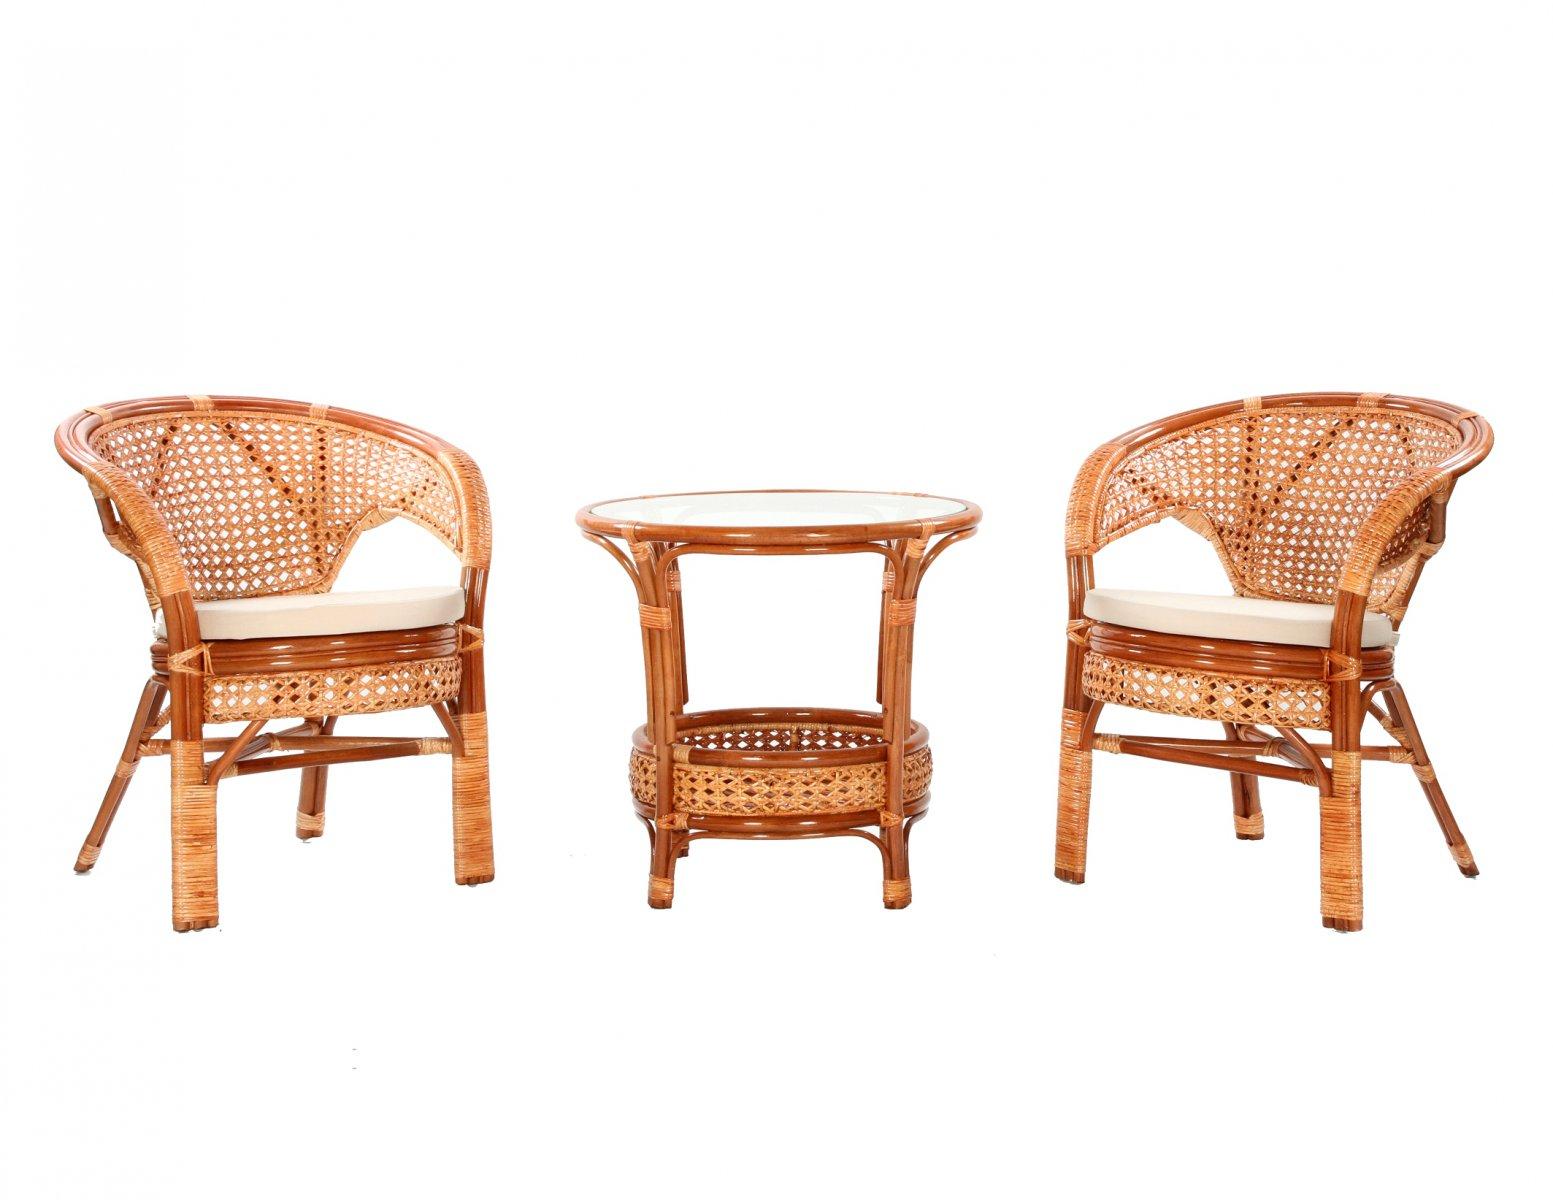 Komplet kawowy z rattanu okragly stolik + 2 fotele w kolorze koniakowym